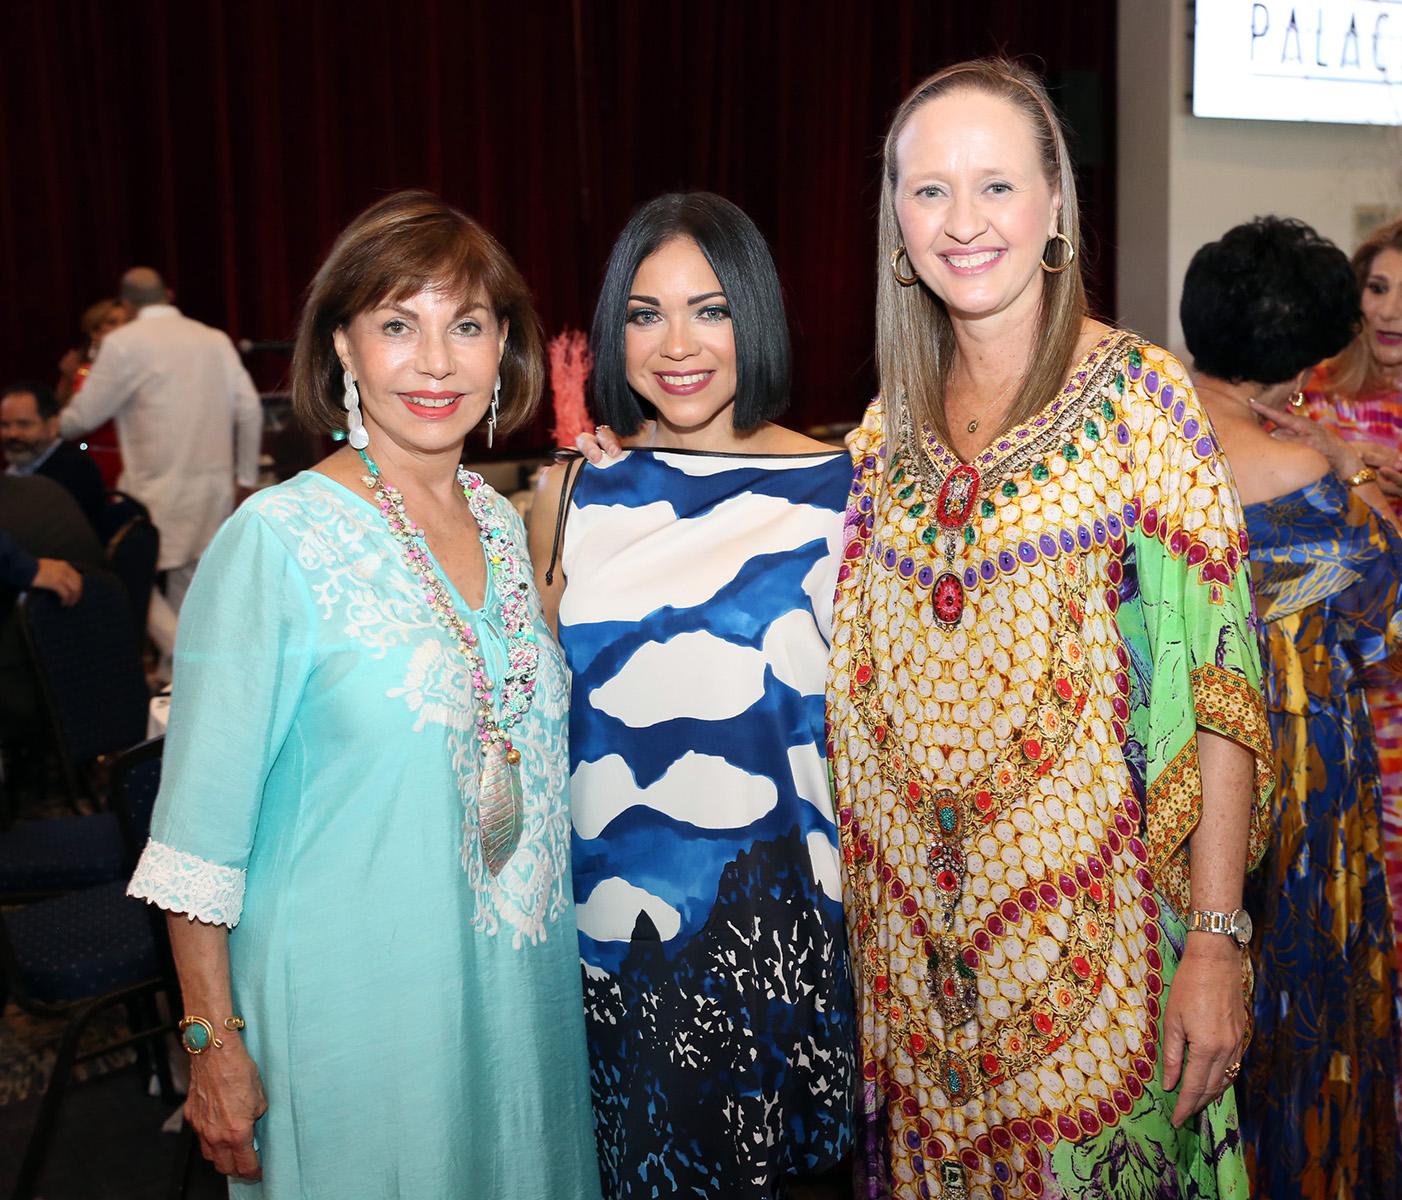 Marta Dávila, Brenda Ramos y Caty Morales. Fotos José Rafael Pérez Centeno